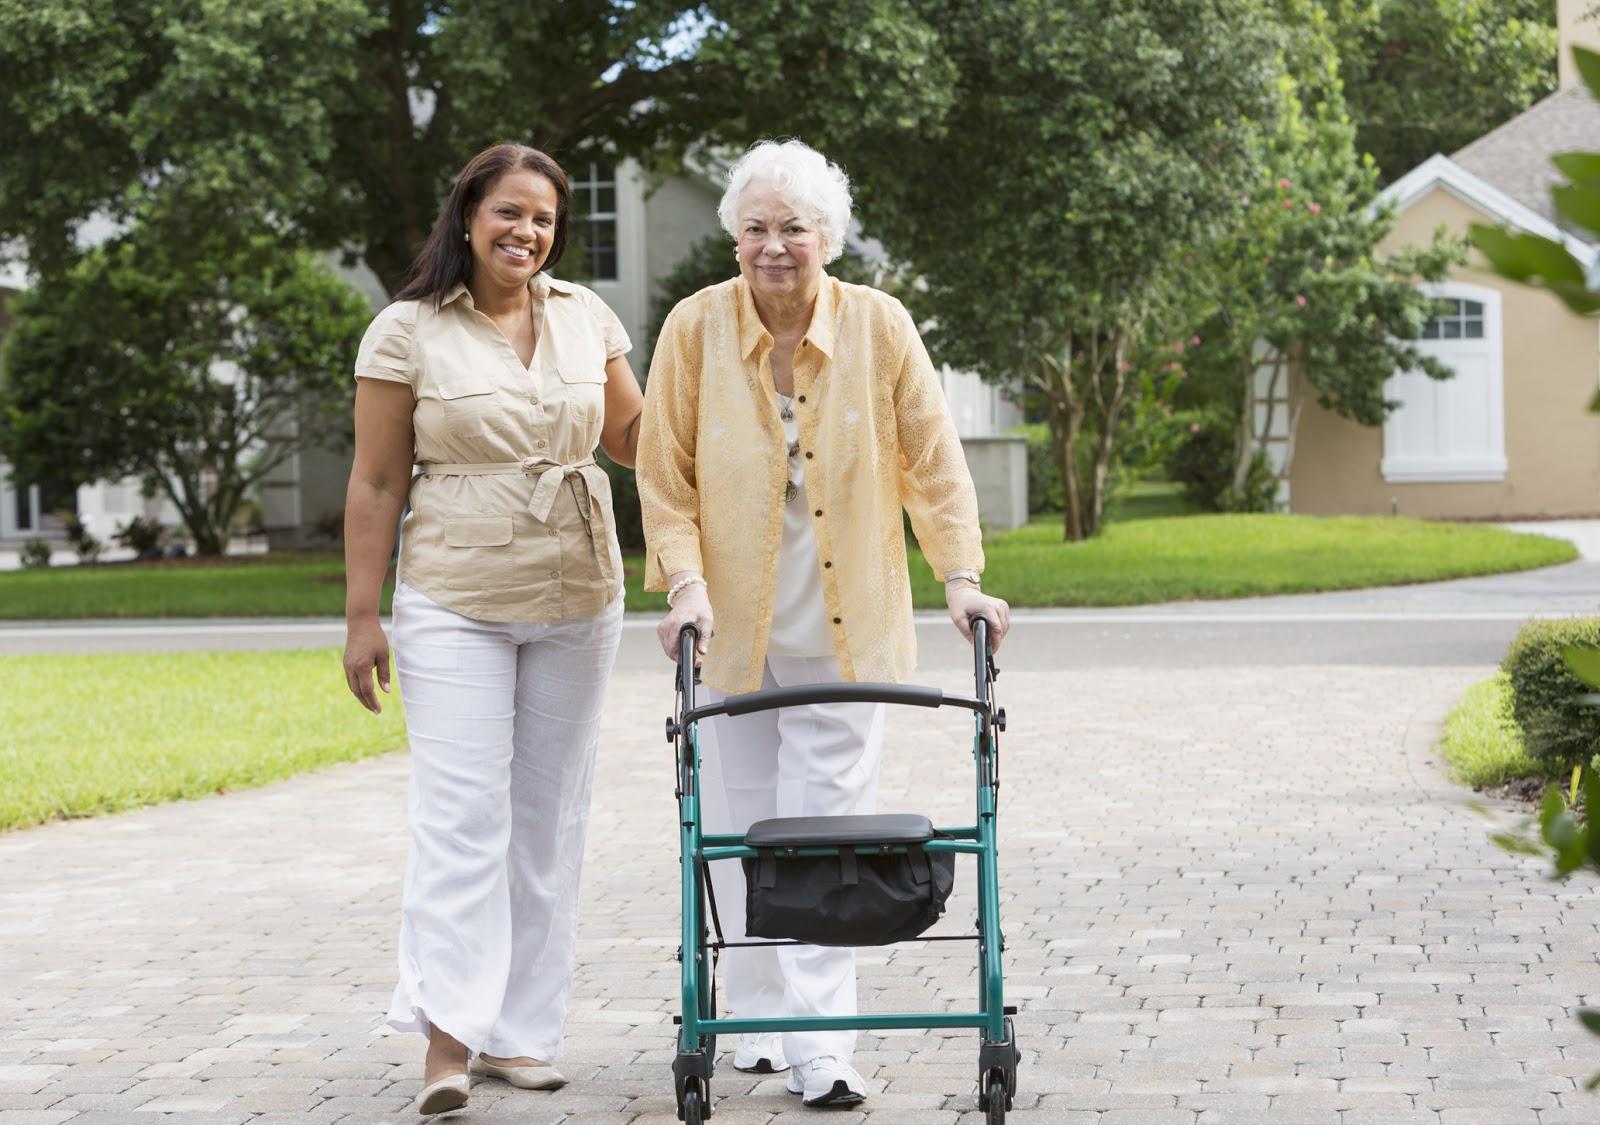 Australia Australian Seniors Dating Online Website